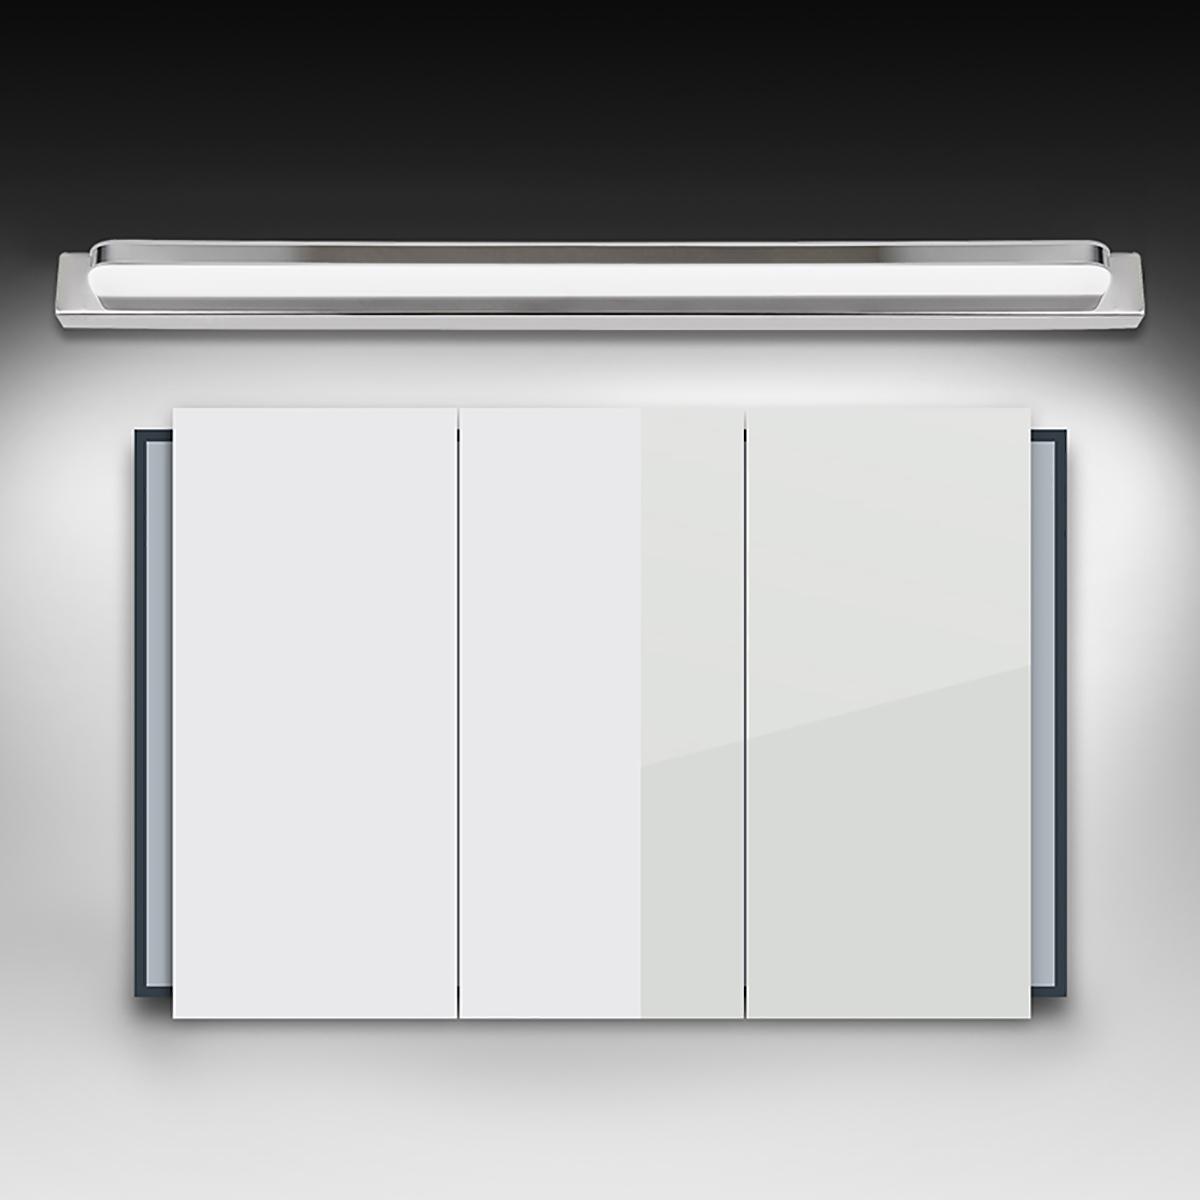 TEMPSA 25cm Lampe Miroir LED Murale Anti buée Etanche Pour Salle de bains Lumière Blanche Moderne Acrylique Phare 3W